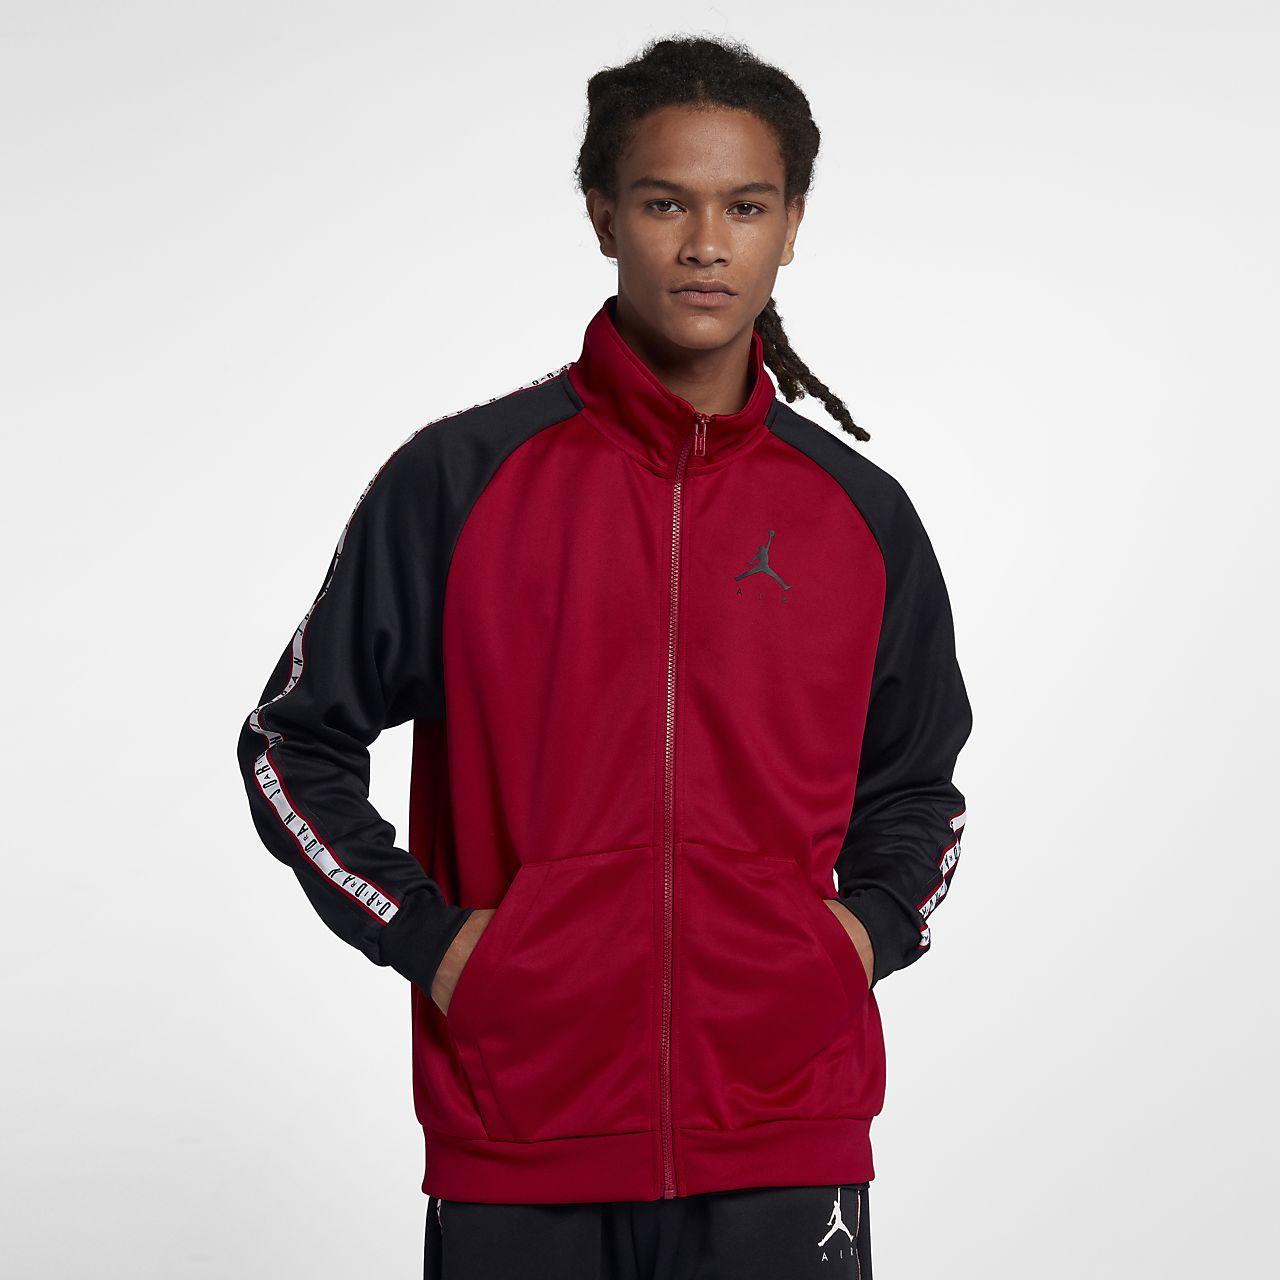 875a379a182d1f Low Resolution Jordan Sportswear Men s Jacket Jordan Sportswear Men s Jacket